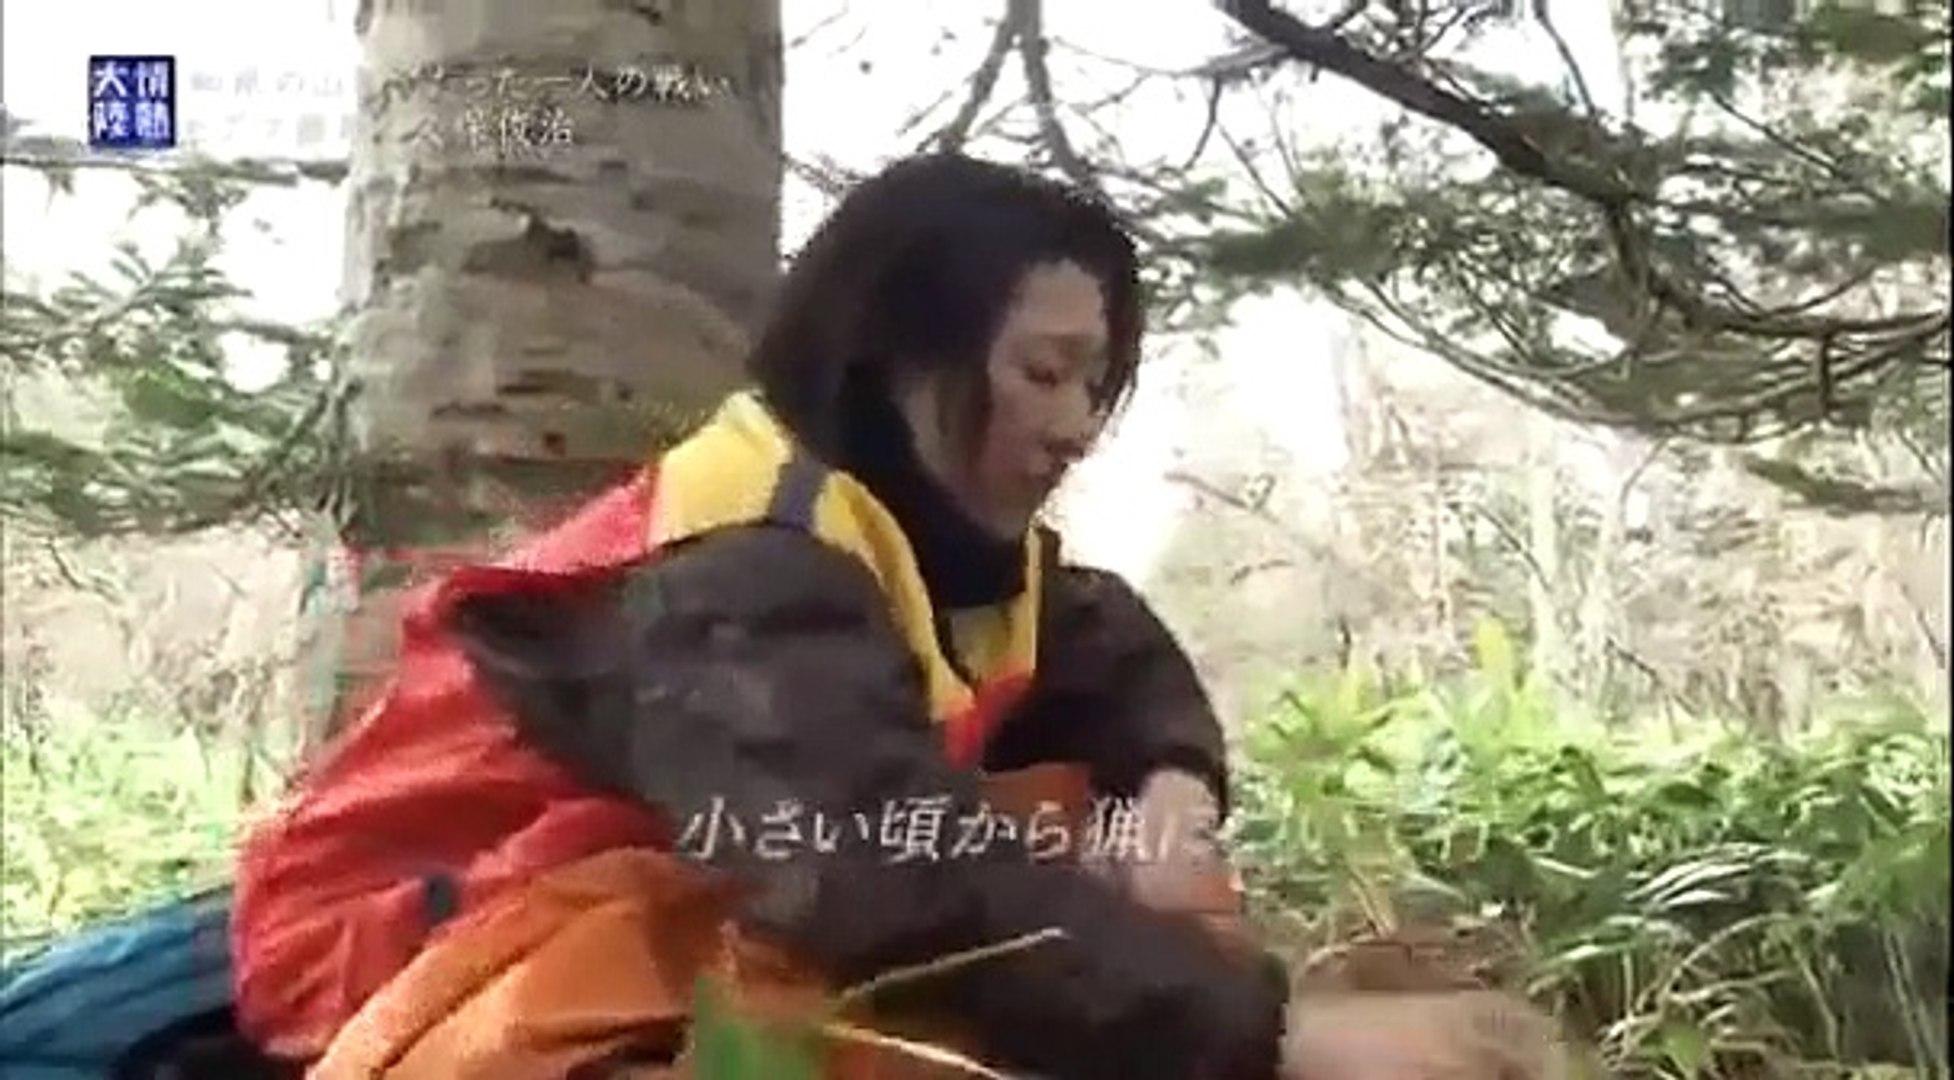 情熱大陸 2014年11月2日 141102 久保俊治(ヒグマ猟師) [FULL]